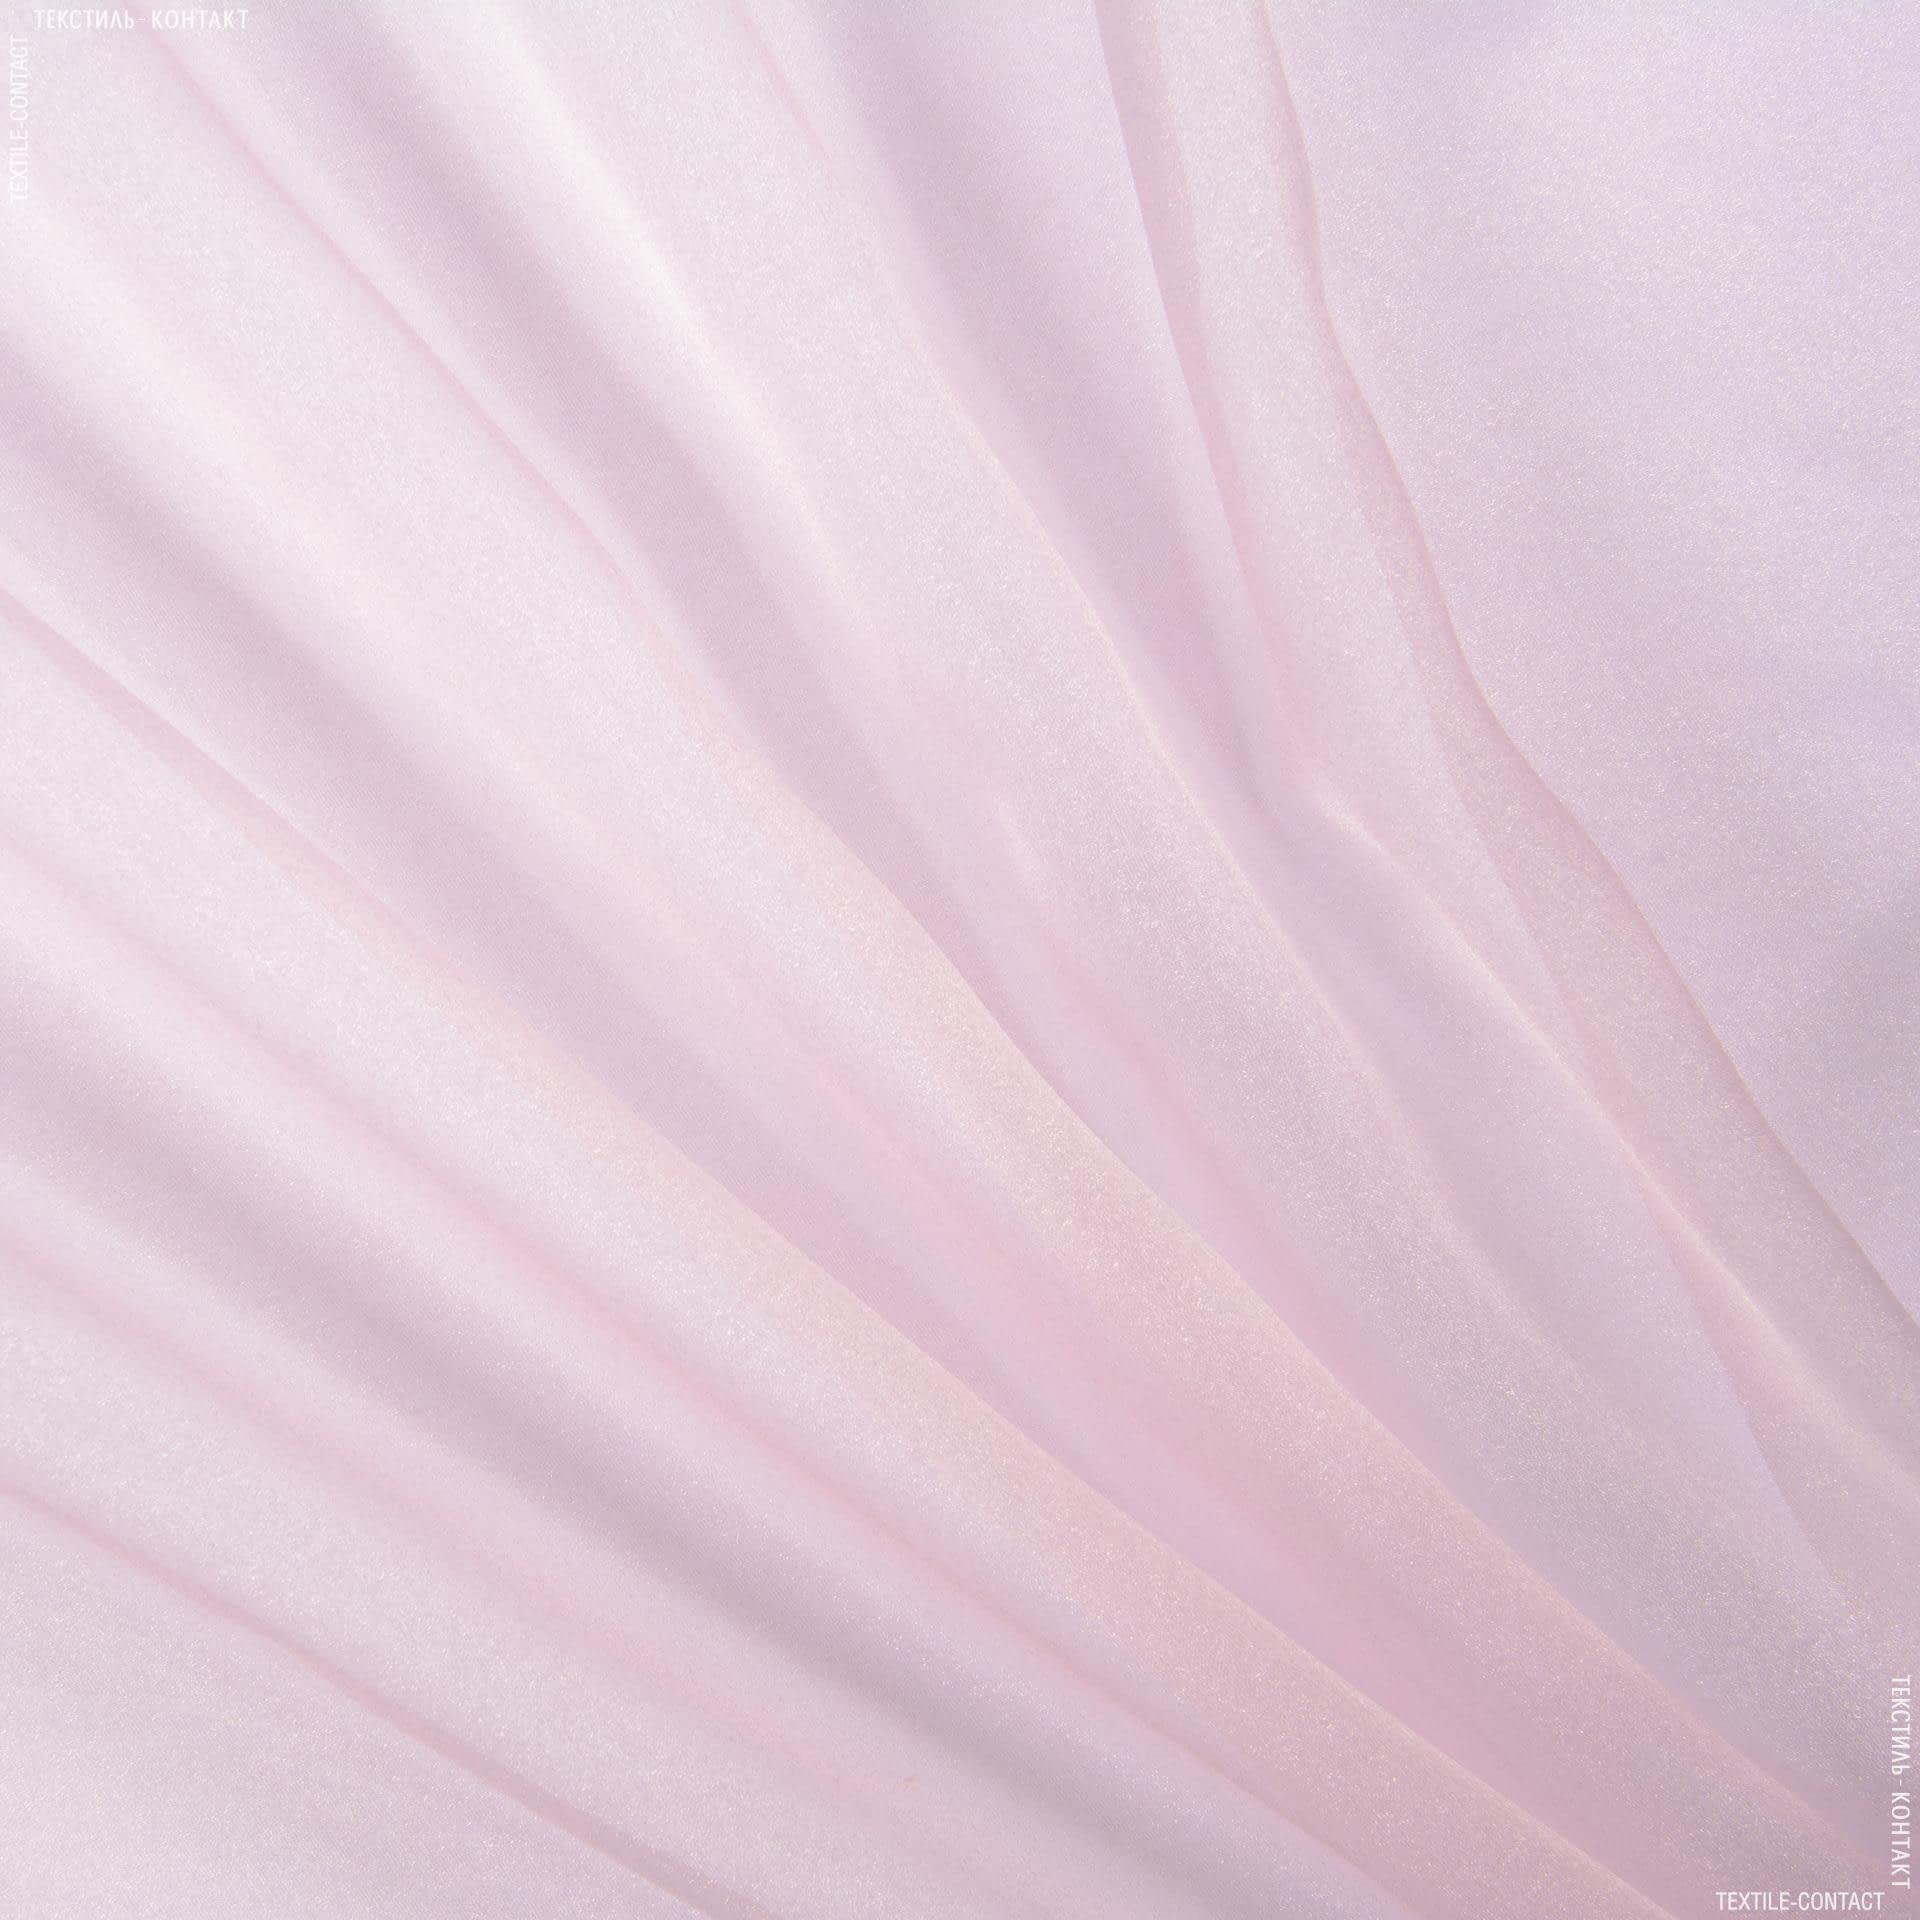 Ткани для костюмов - Органза розовый